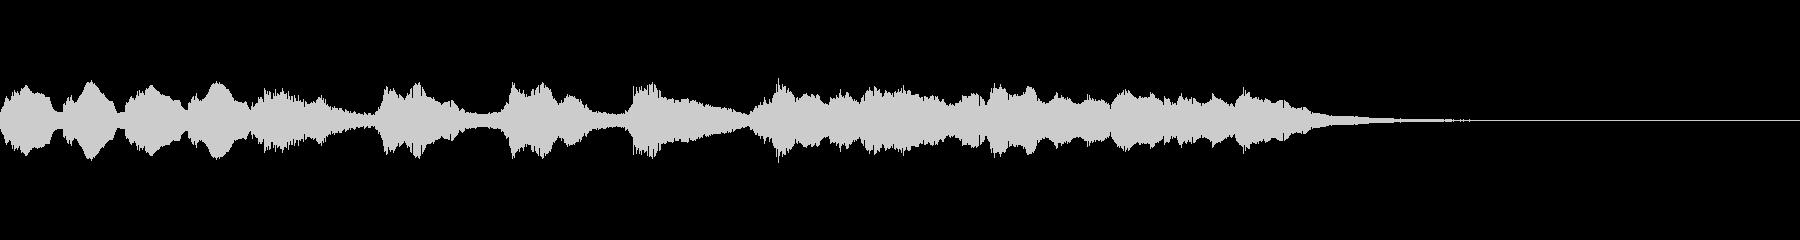 中国/中華風メロディ/BGM01の未再生の波形